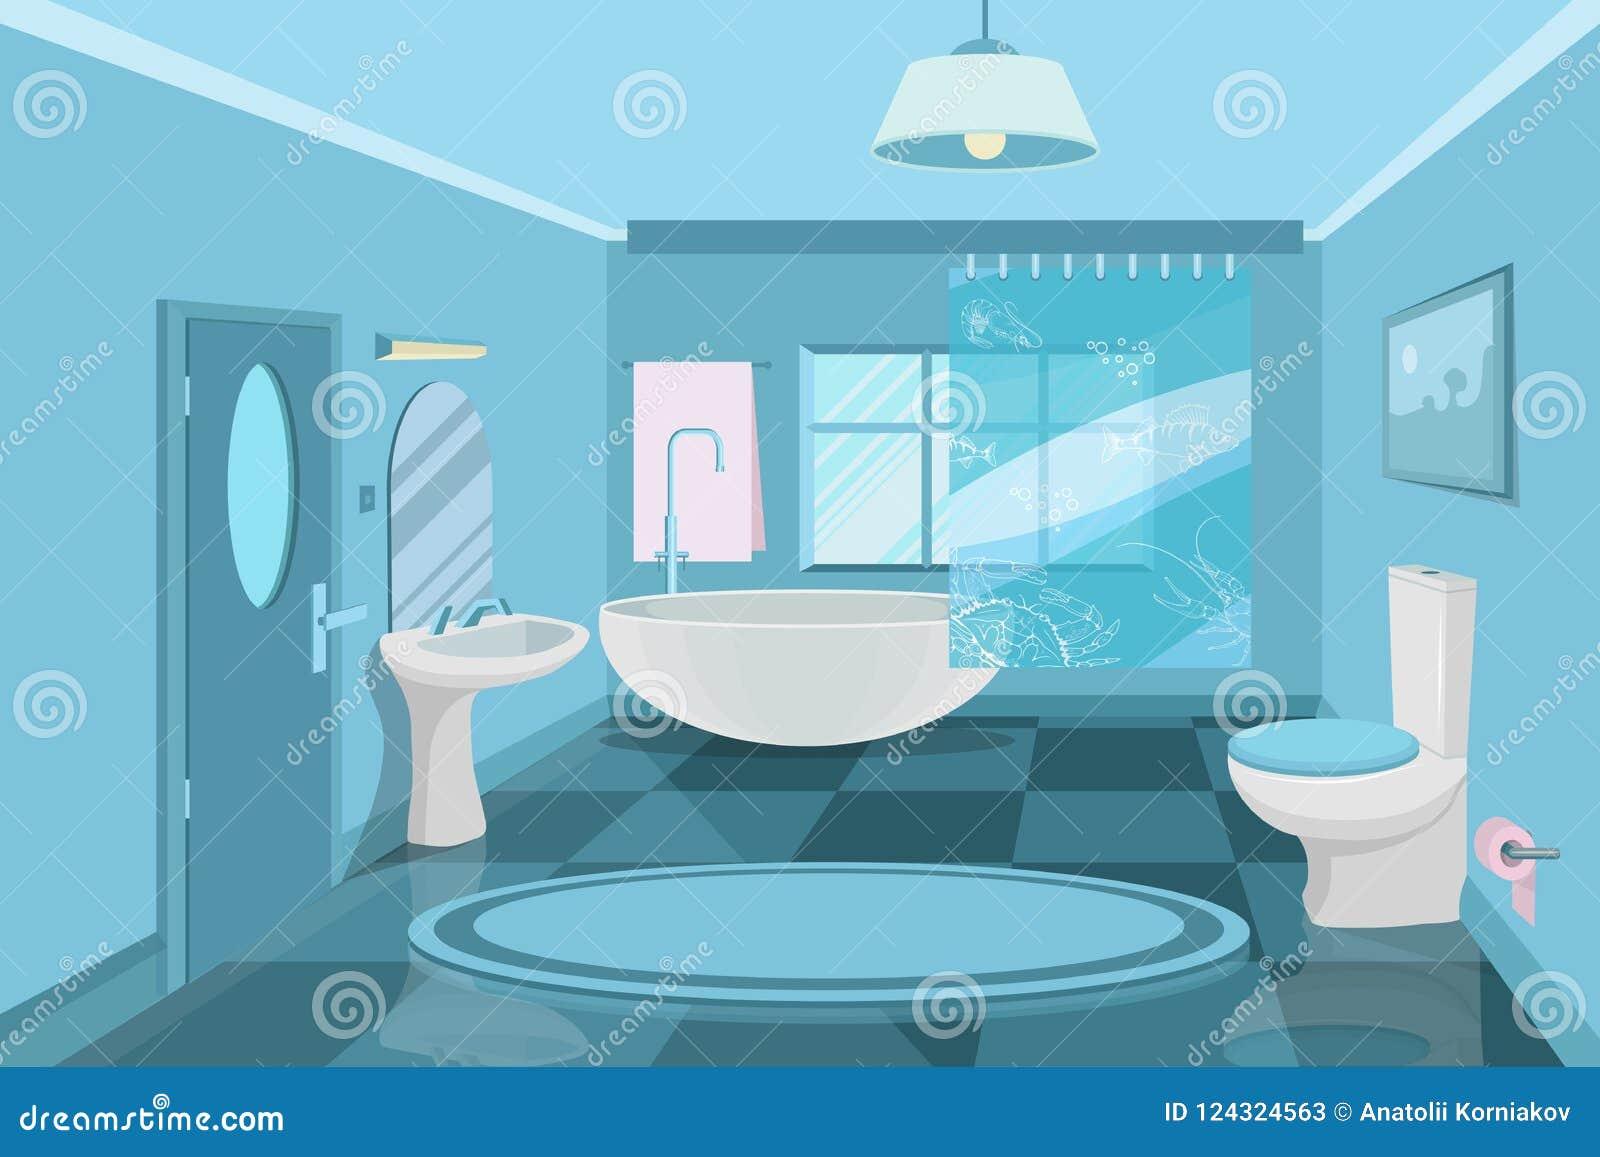 Disegno bagno 3d gratis programma per disegnare bagni d for Programma creare casa